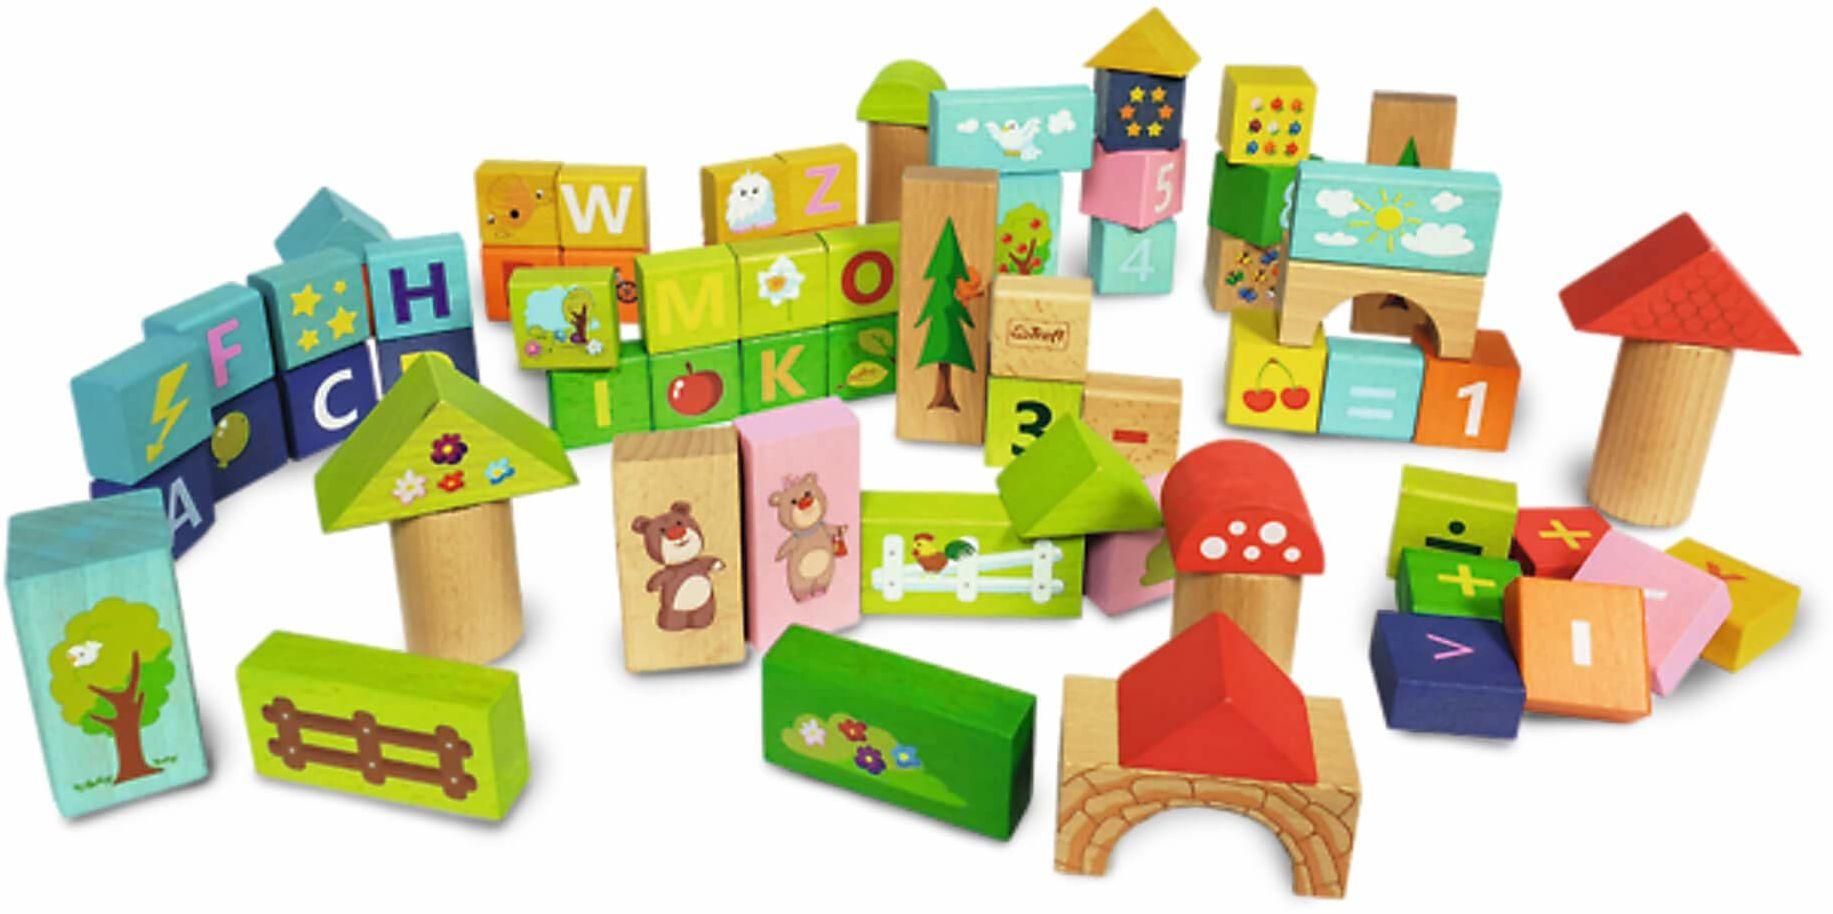 Trefl Sprytne Klocki Misia Zdzisia Zabawka Drewniana dla Dzieci od 2 roku życia